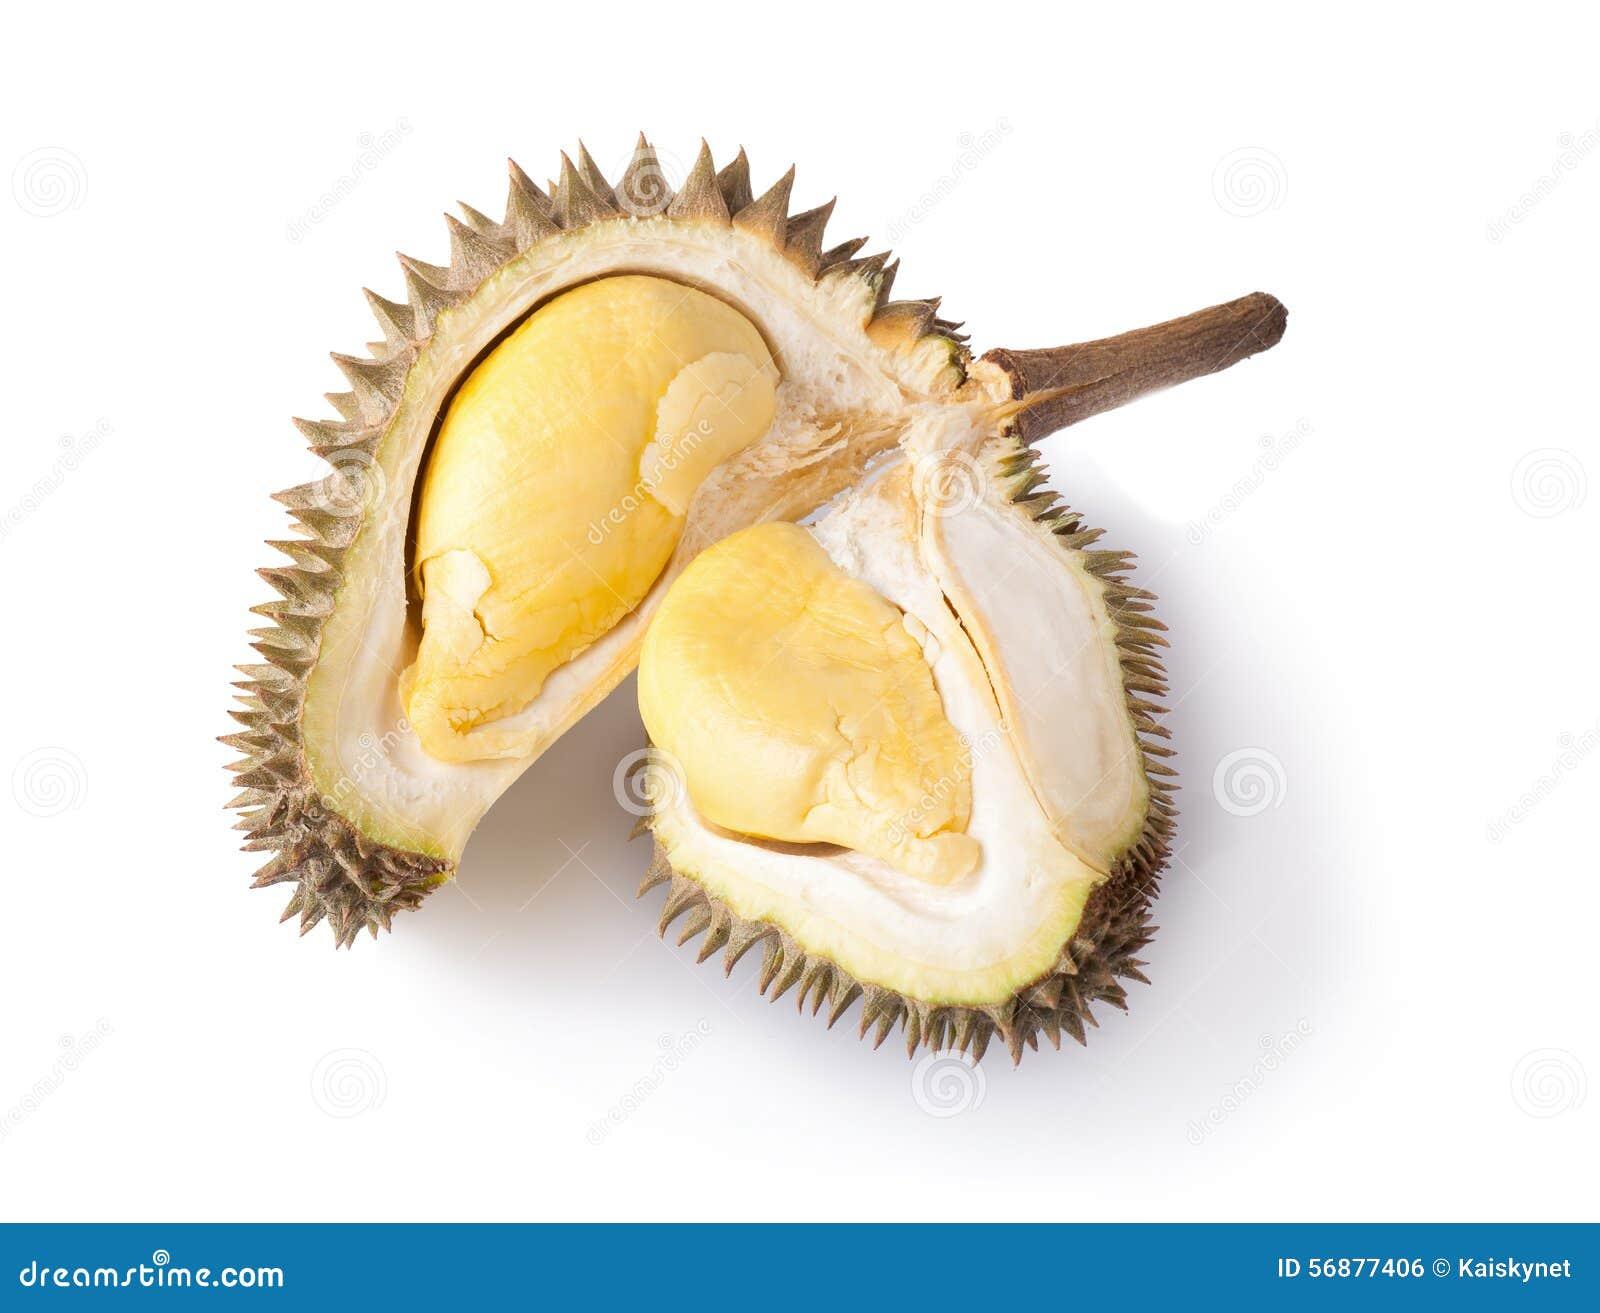 Durian isolato su priorità bassa bianca